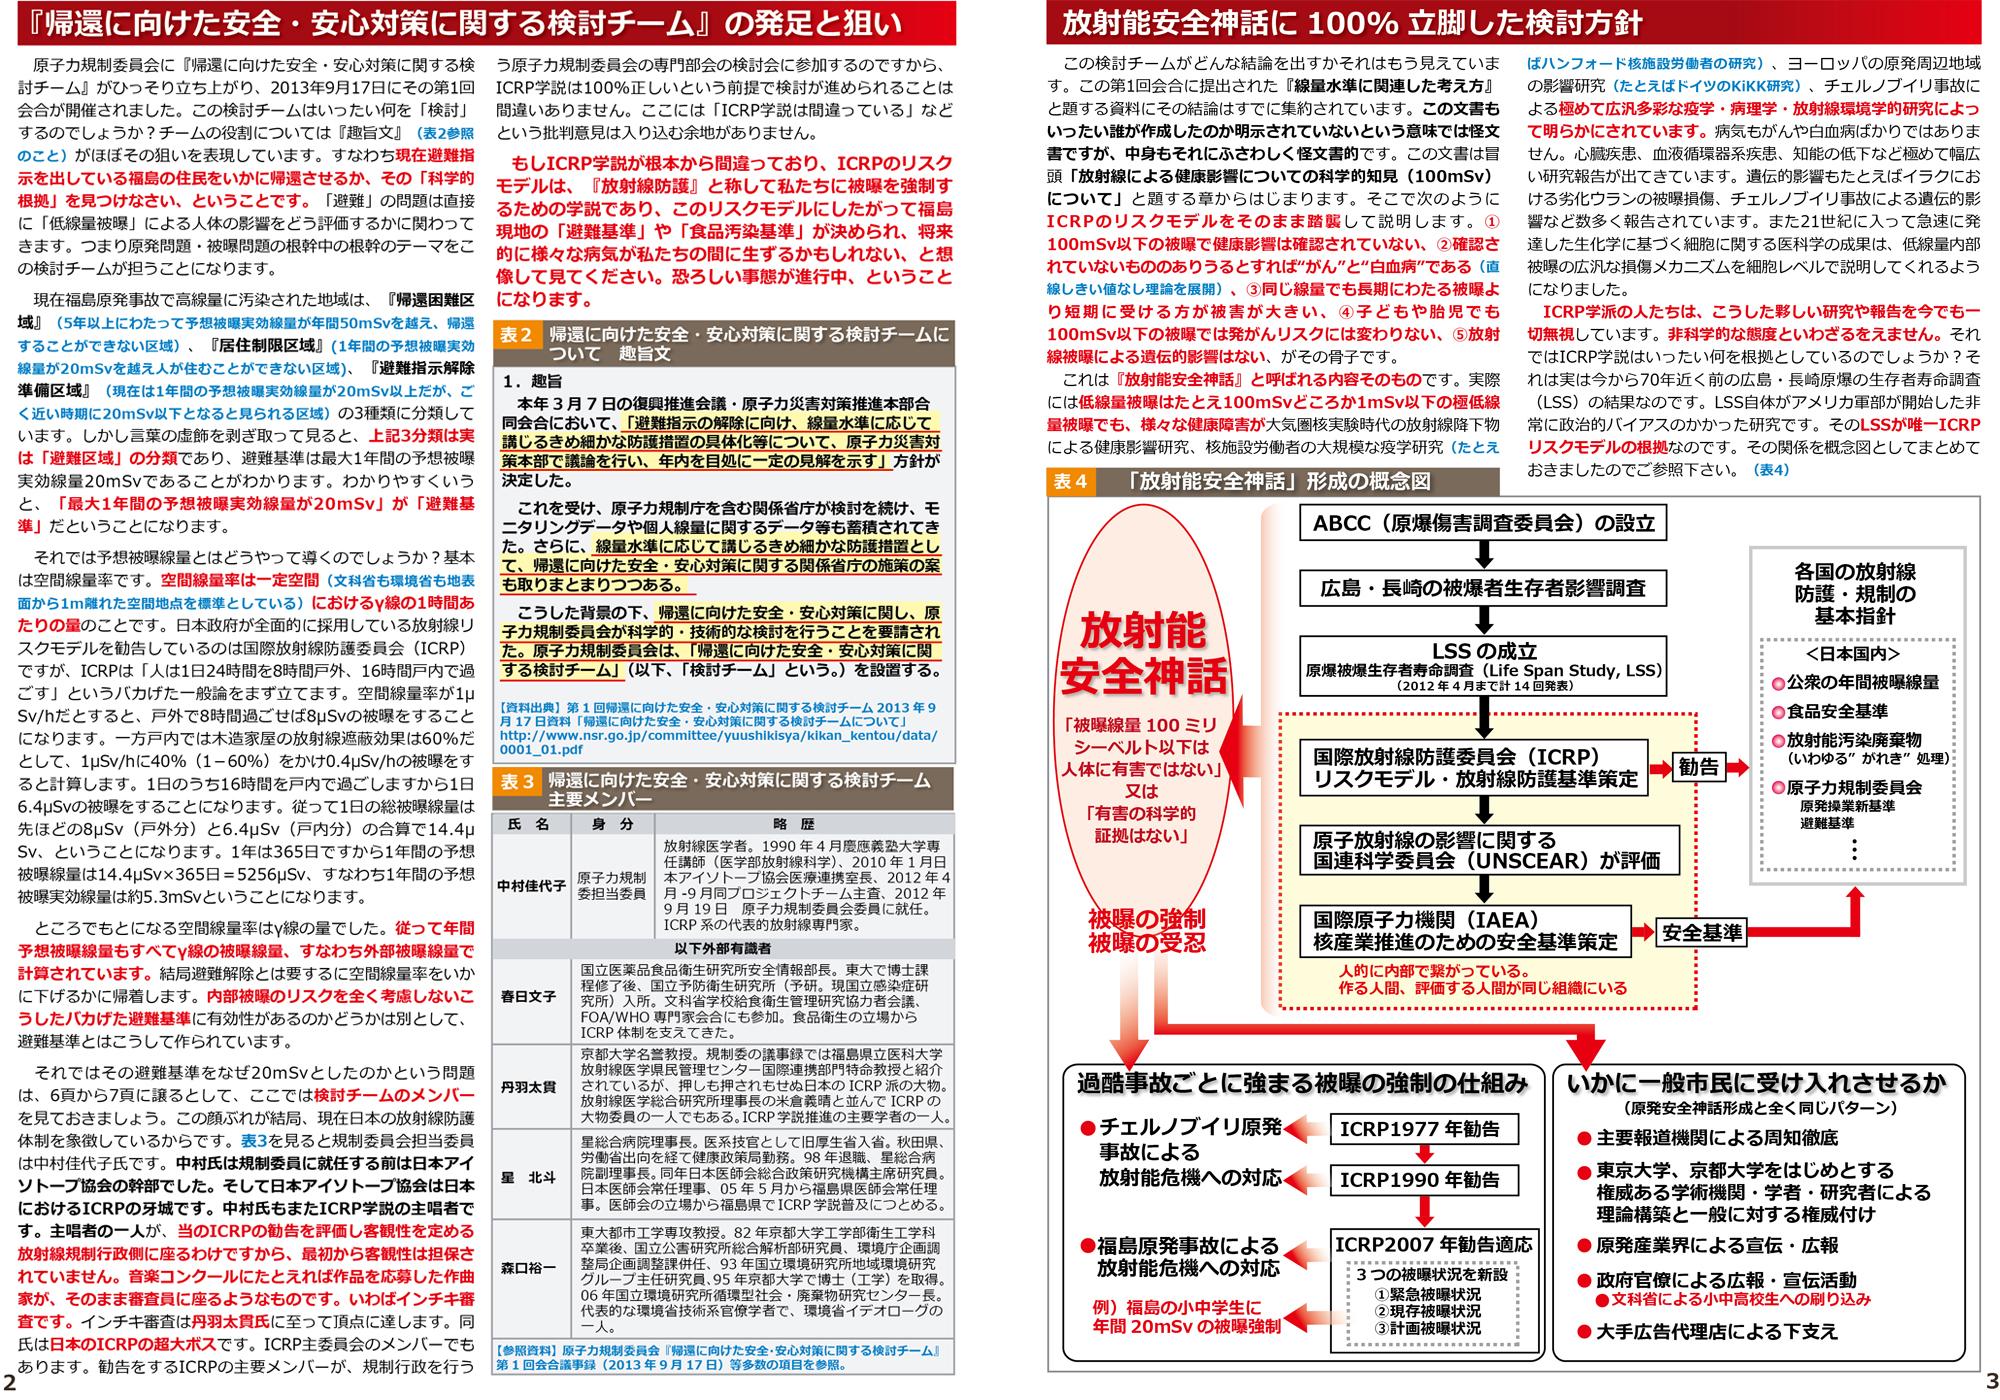 ファイル 210-2.jpg